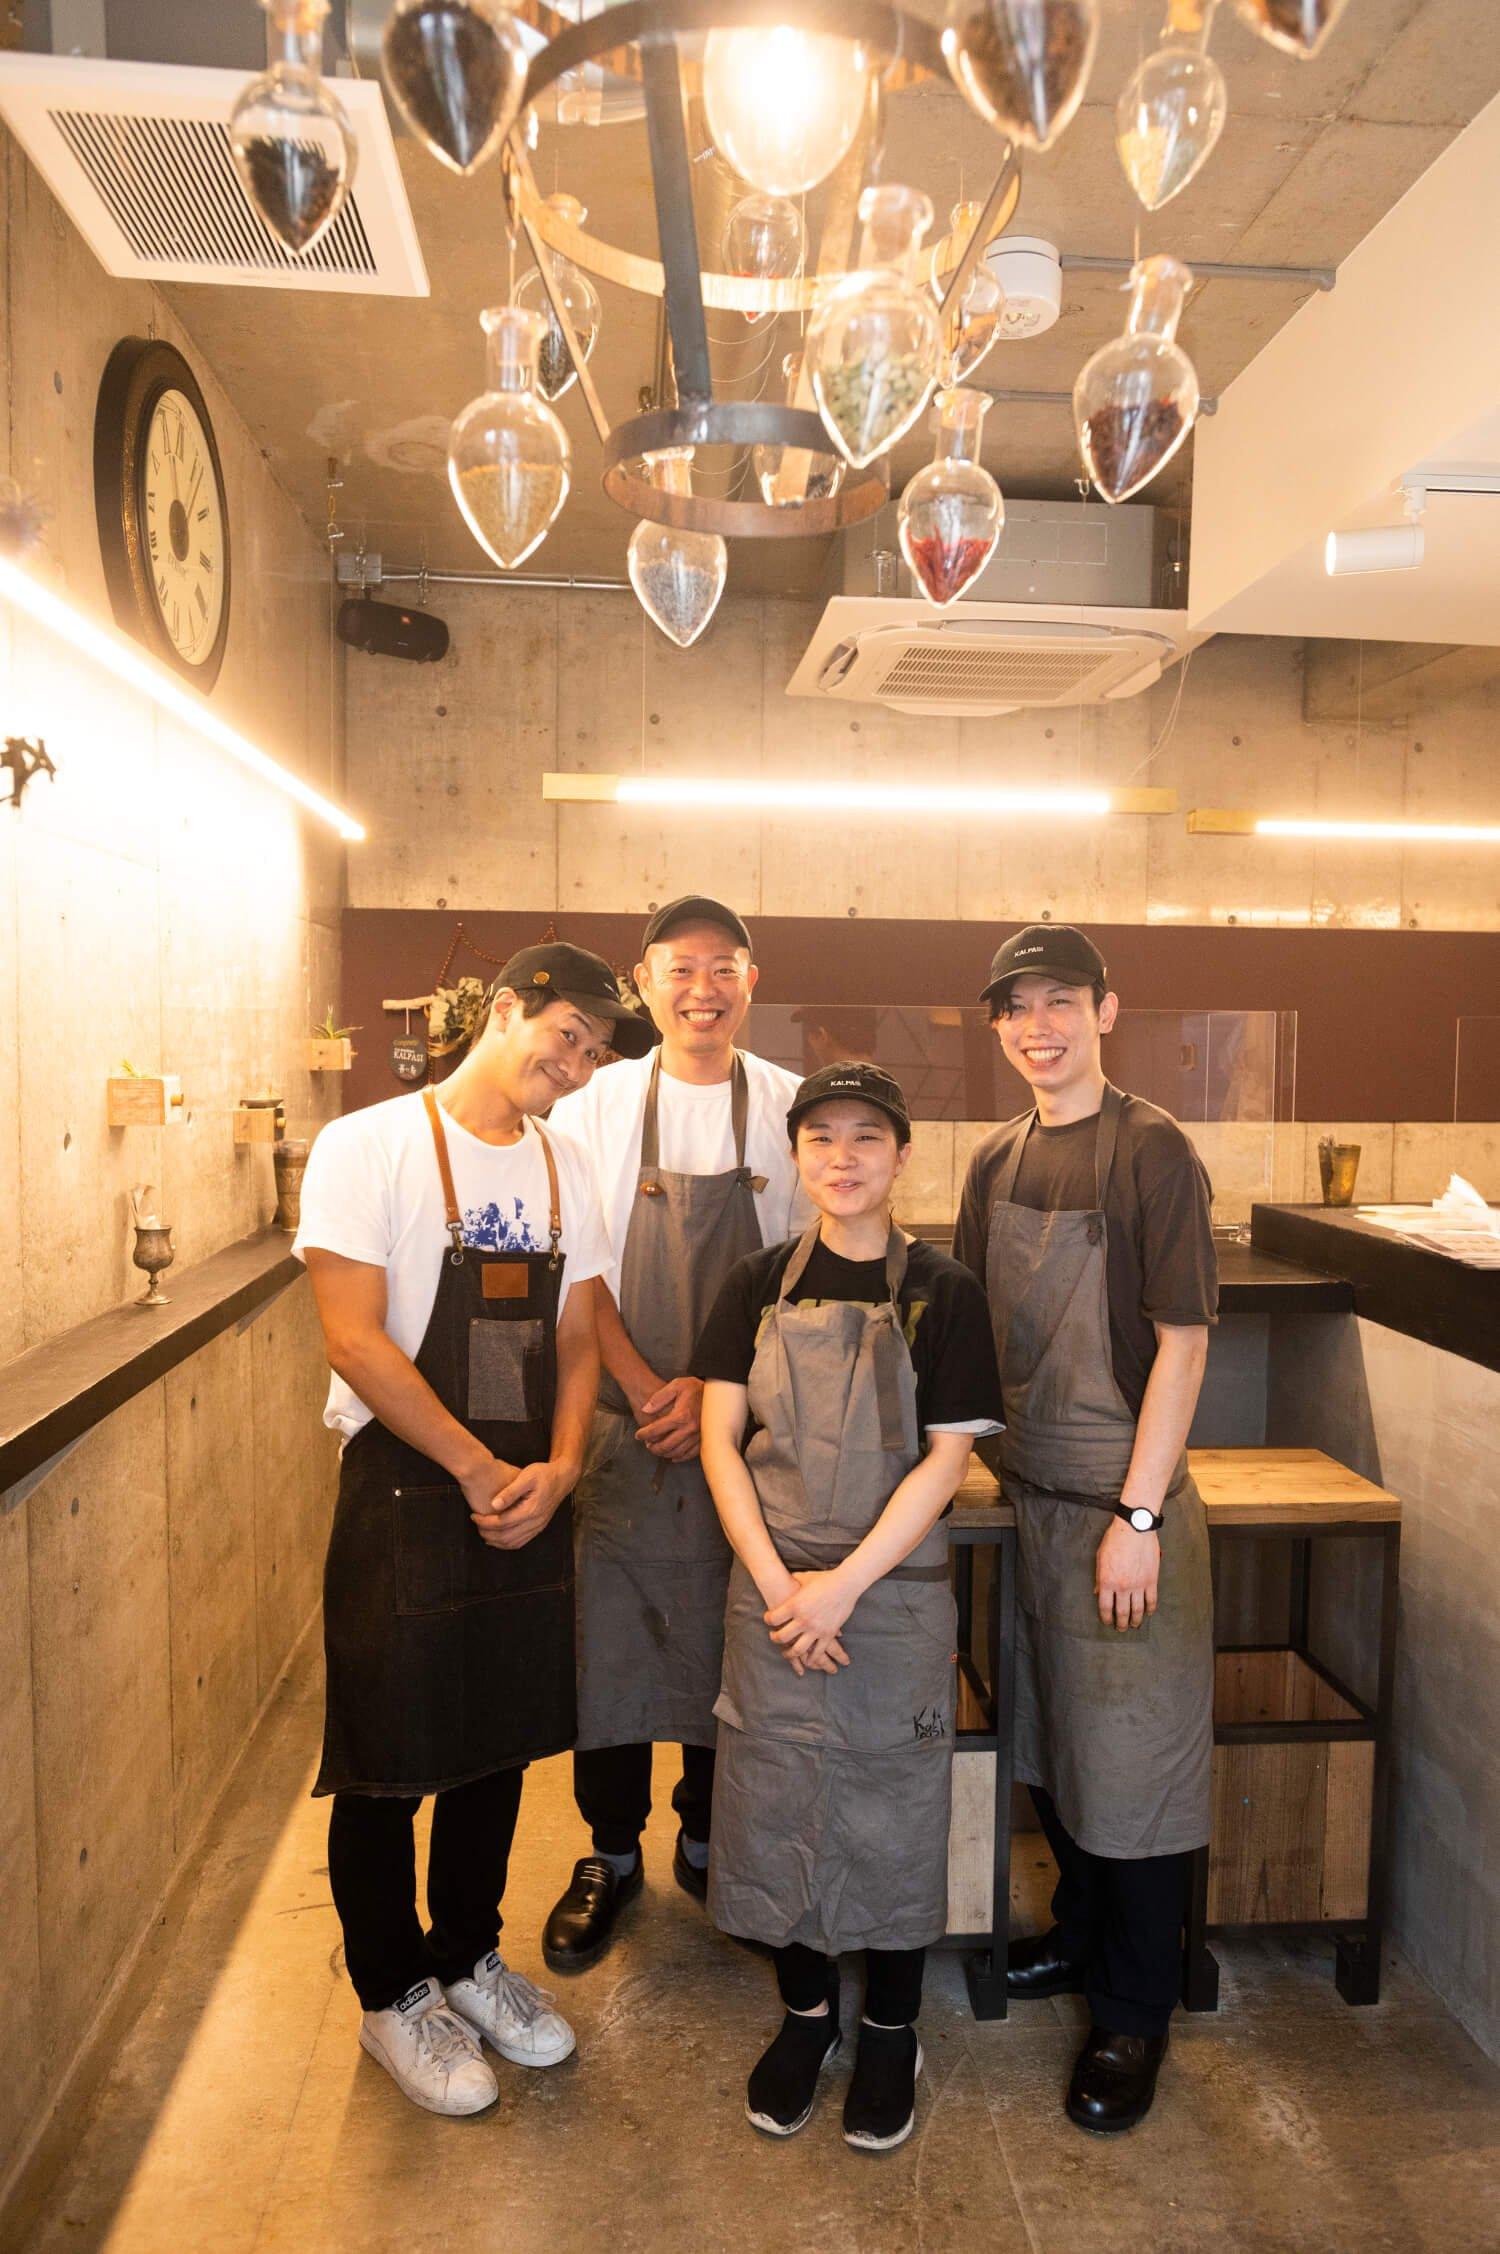 店長の内田さん(左)をはじめ、チームワークばっちり。ちなみに、天井に吊るされたランプシェードはスパイスで飾ったオリジナルのインテリア。